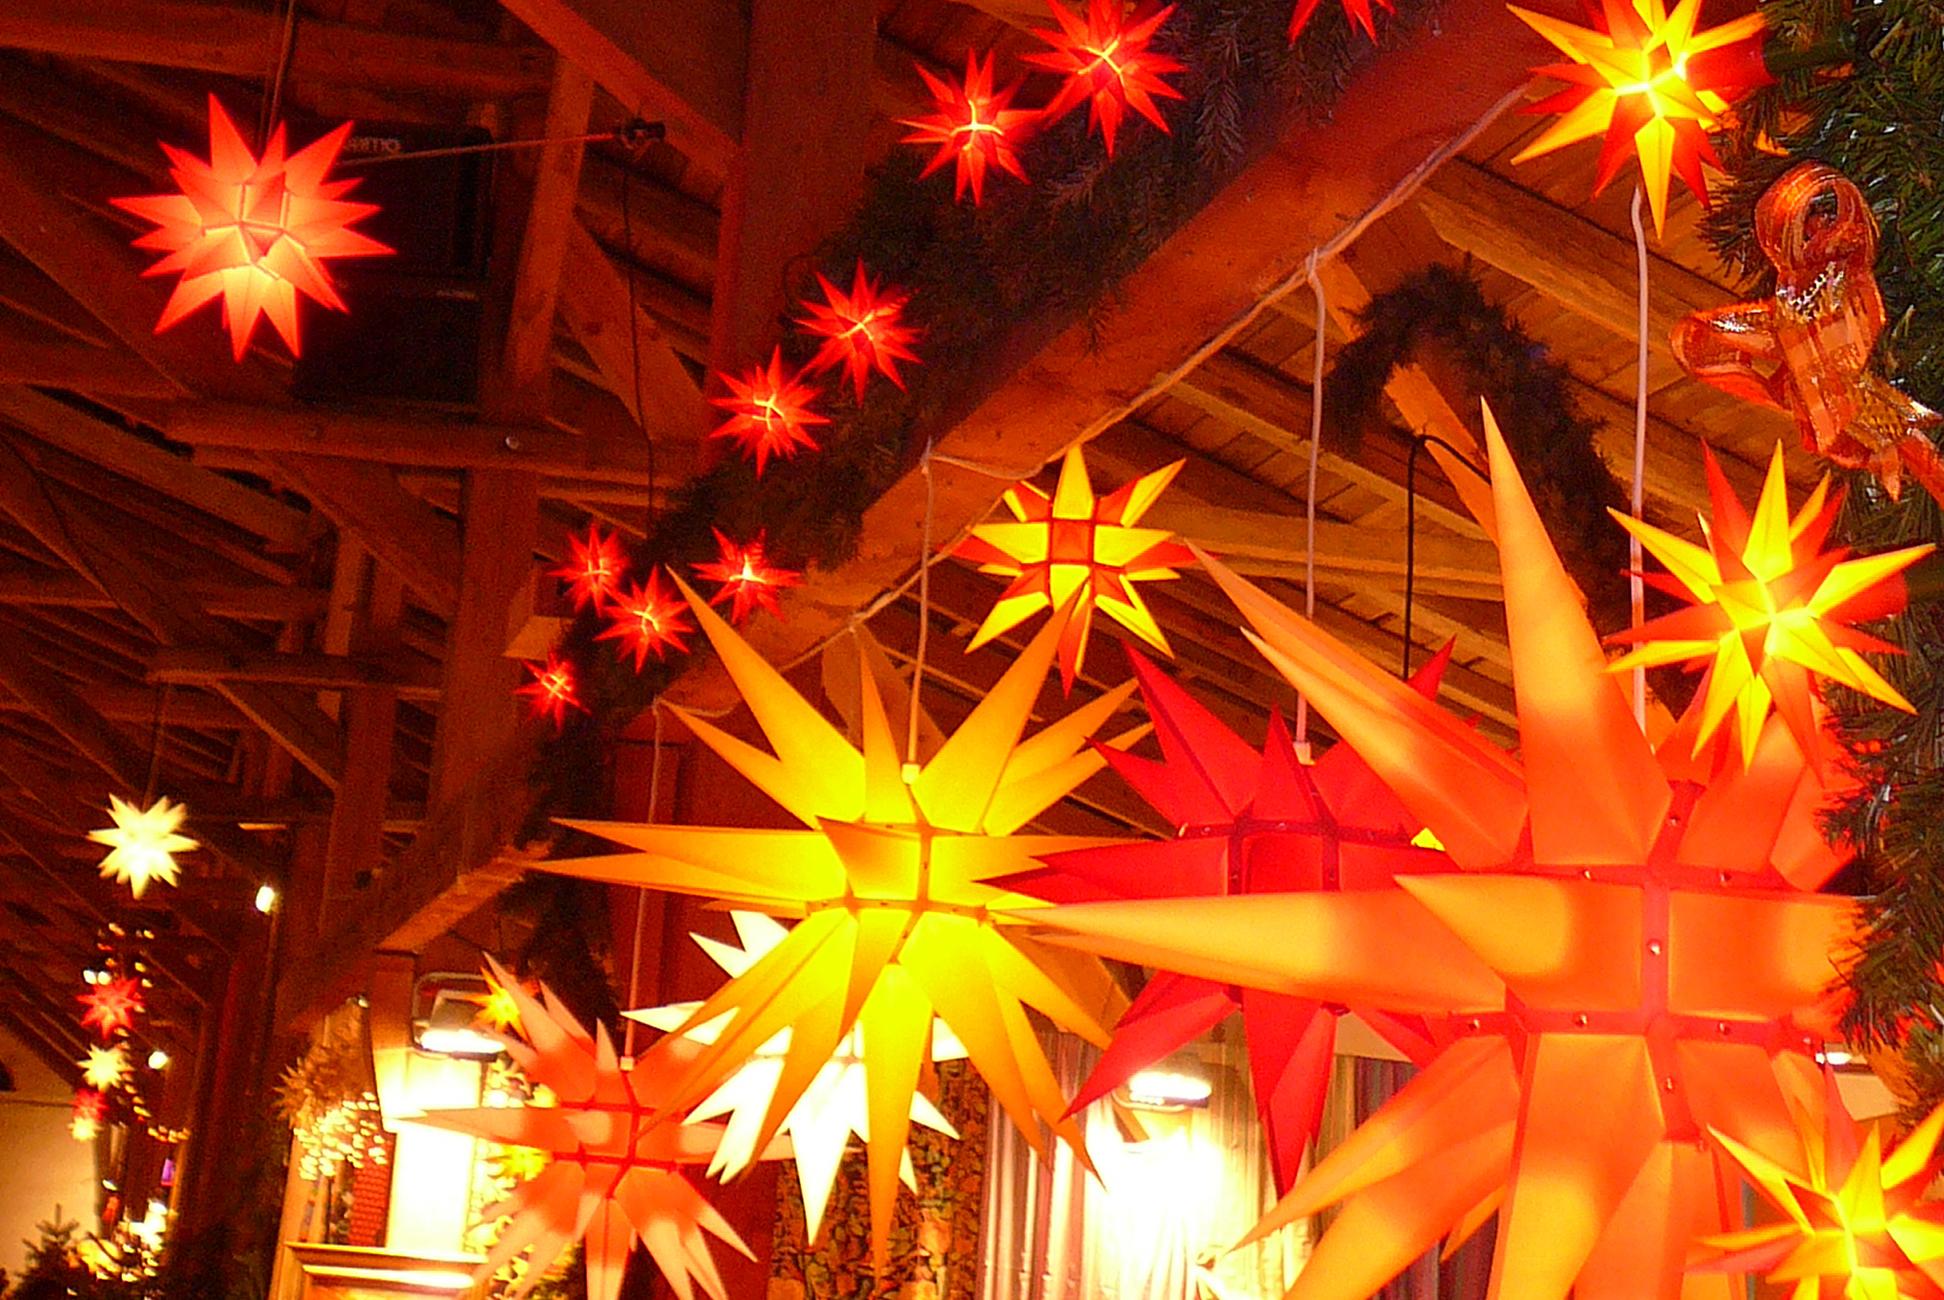 Pronstorfer-Weihnacht7